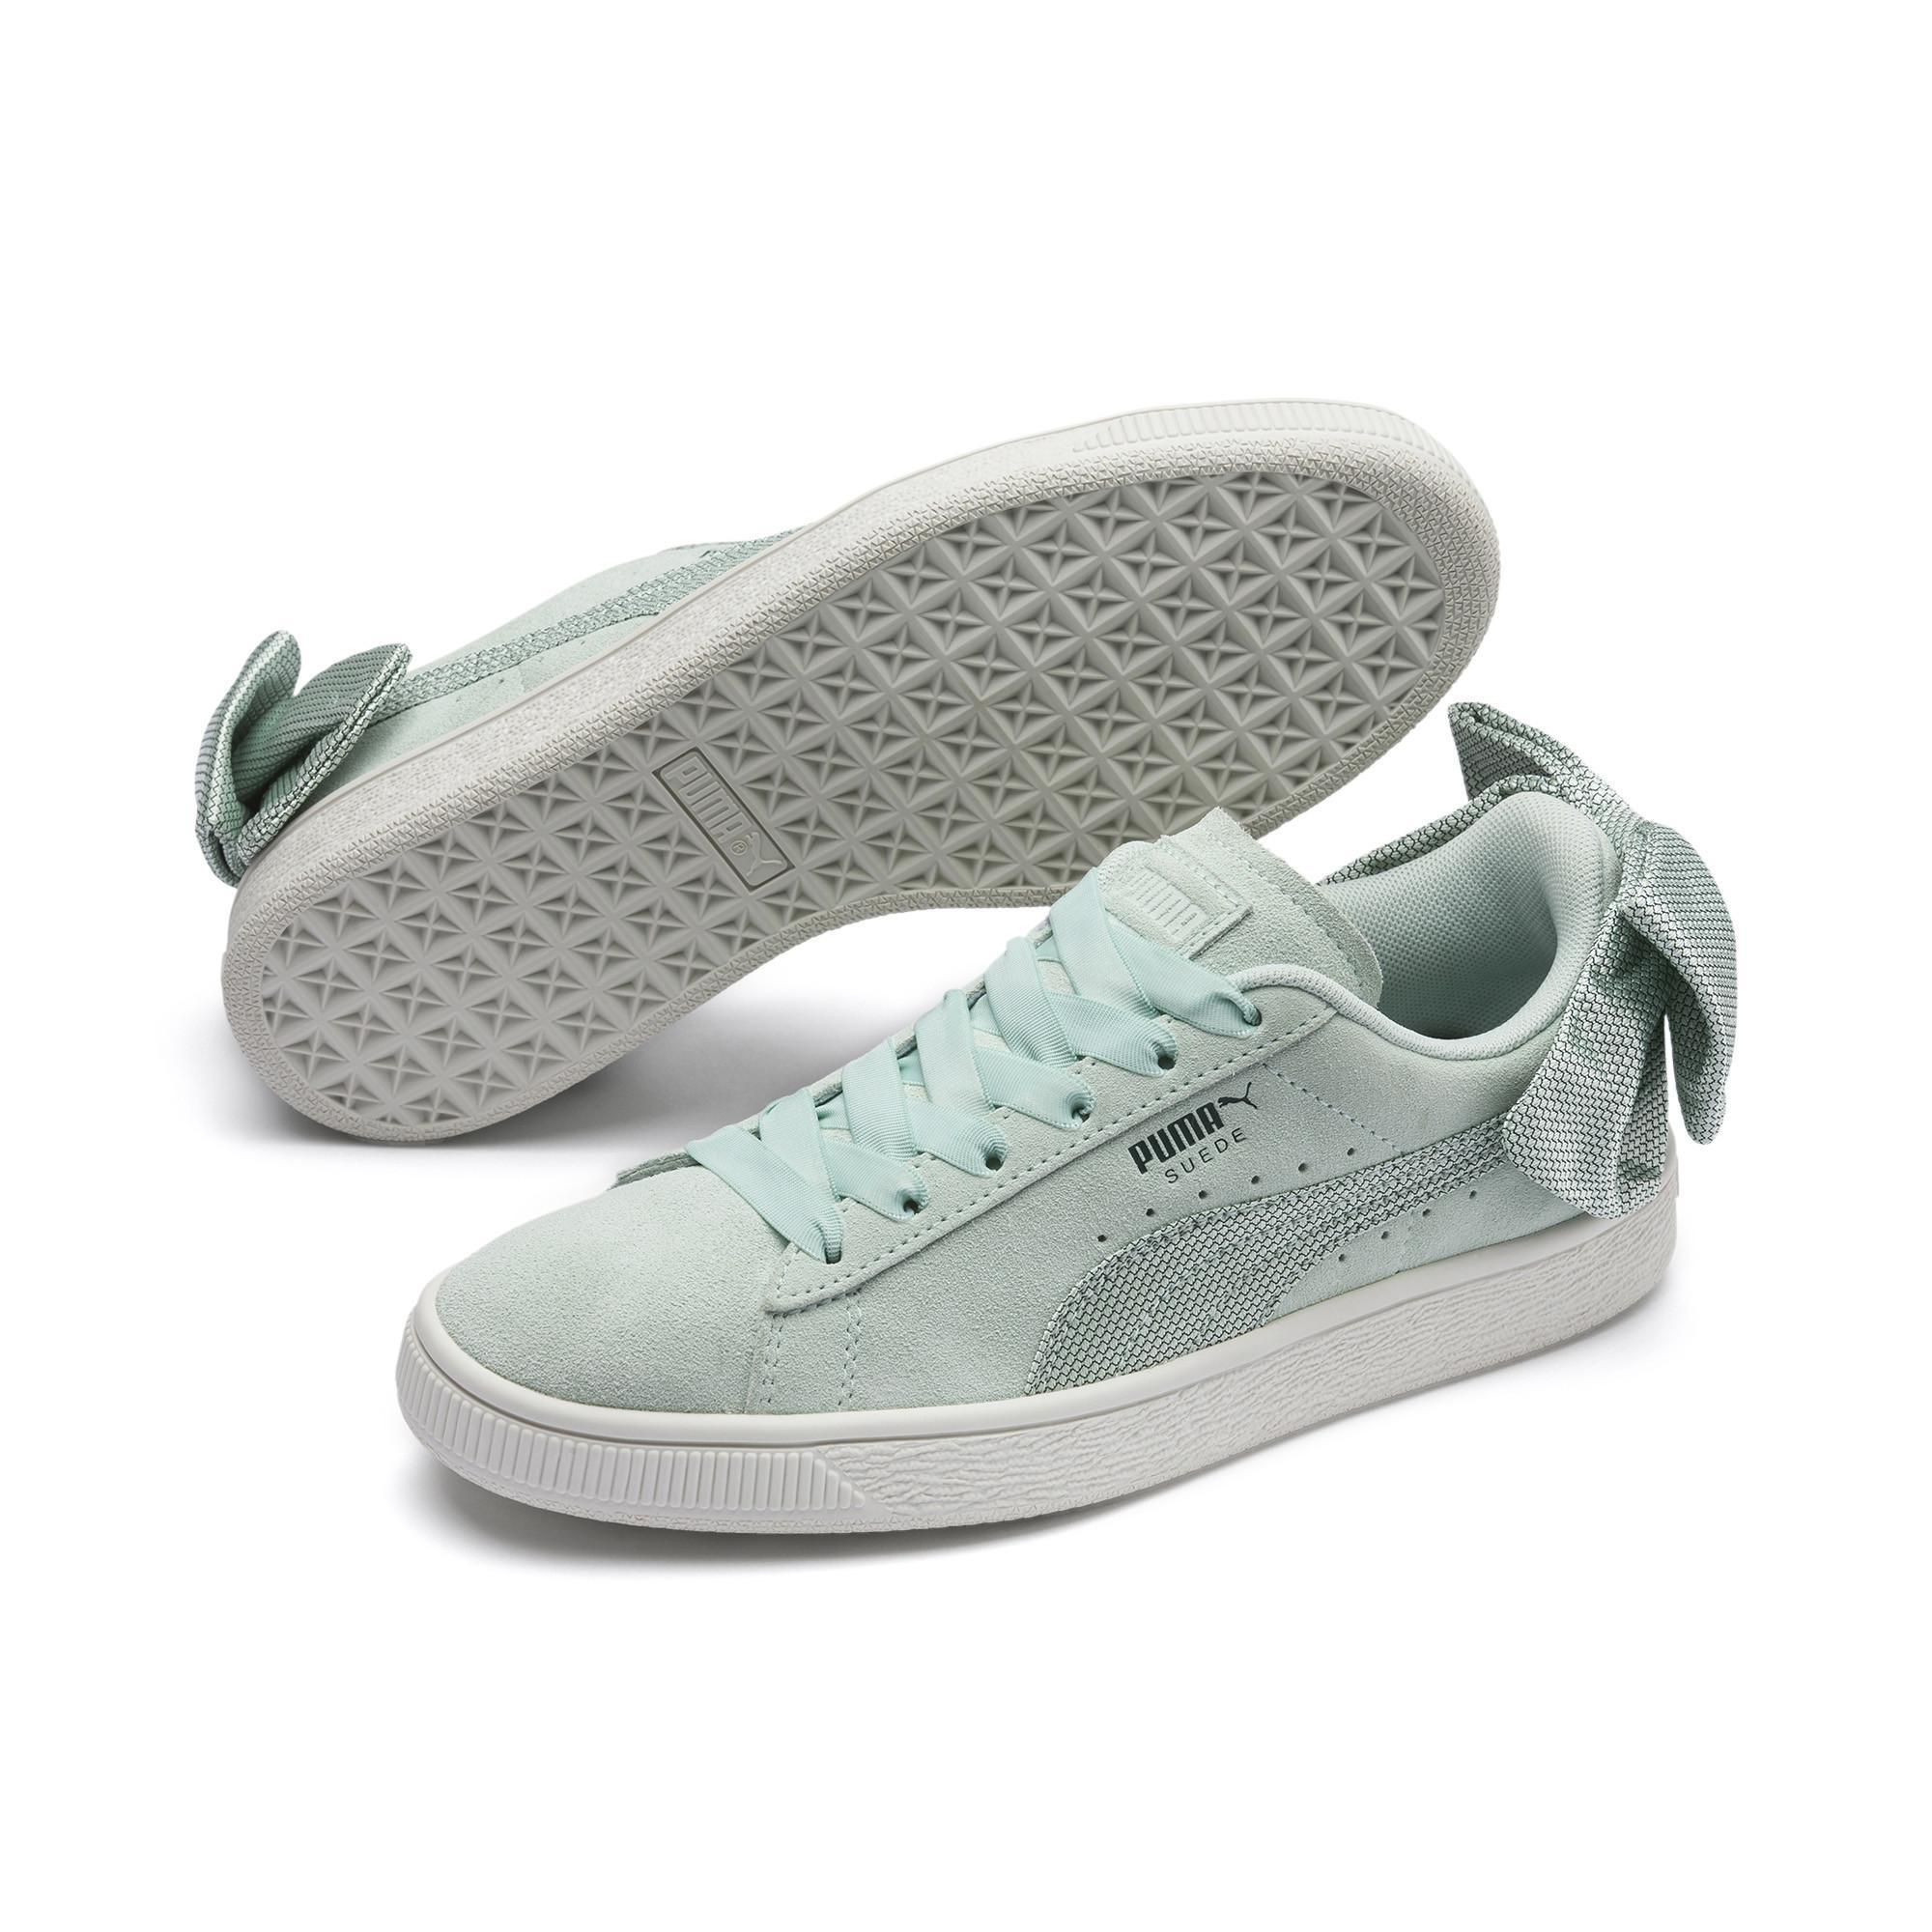 68dd2597750 Lyst - PUMA Suede Bow Hexamesh Women s Sneakers in Gray